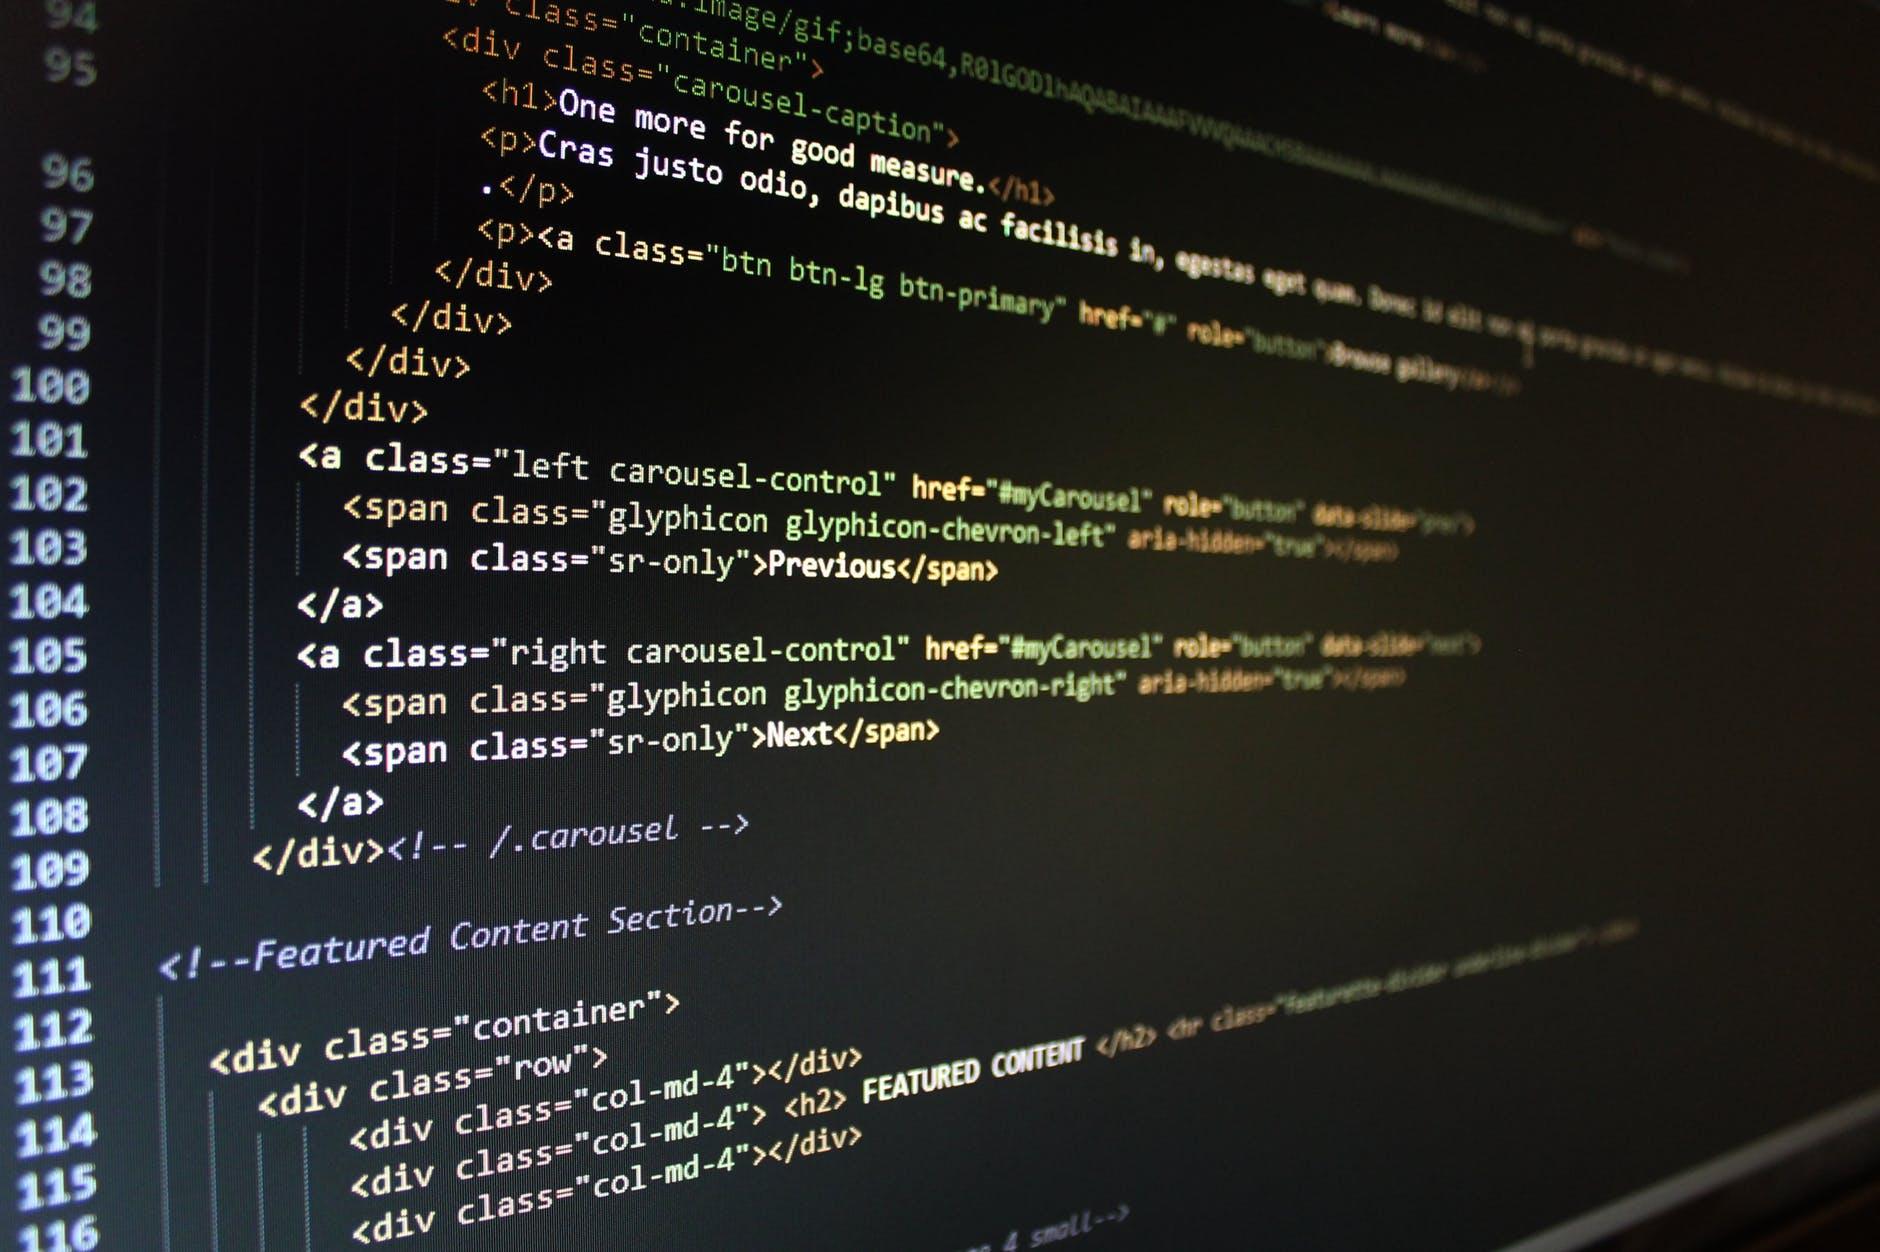 Hacking ético: ¿cómo pueden aprovecharlo las empresas?